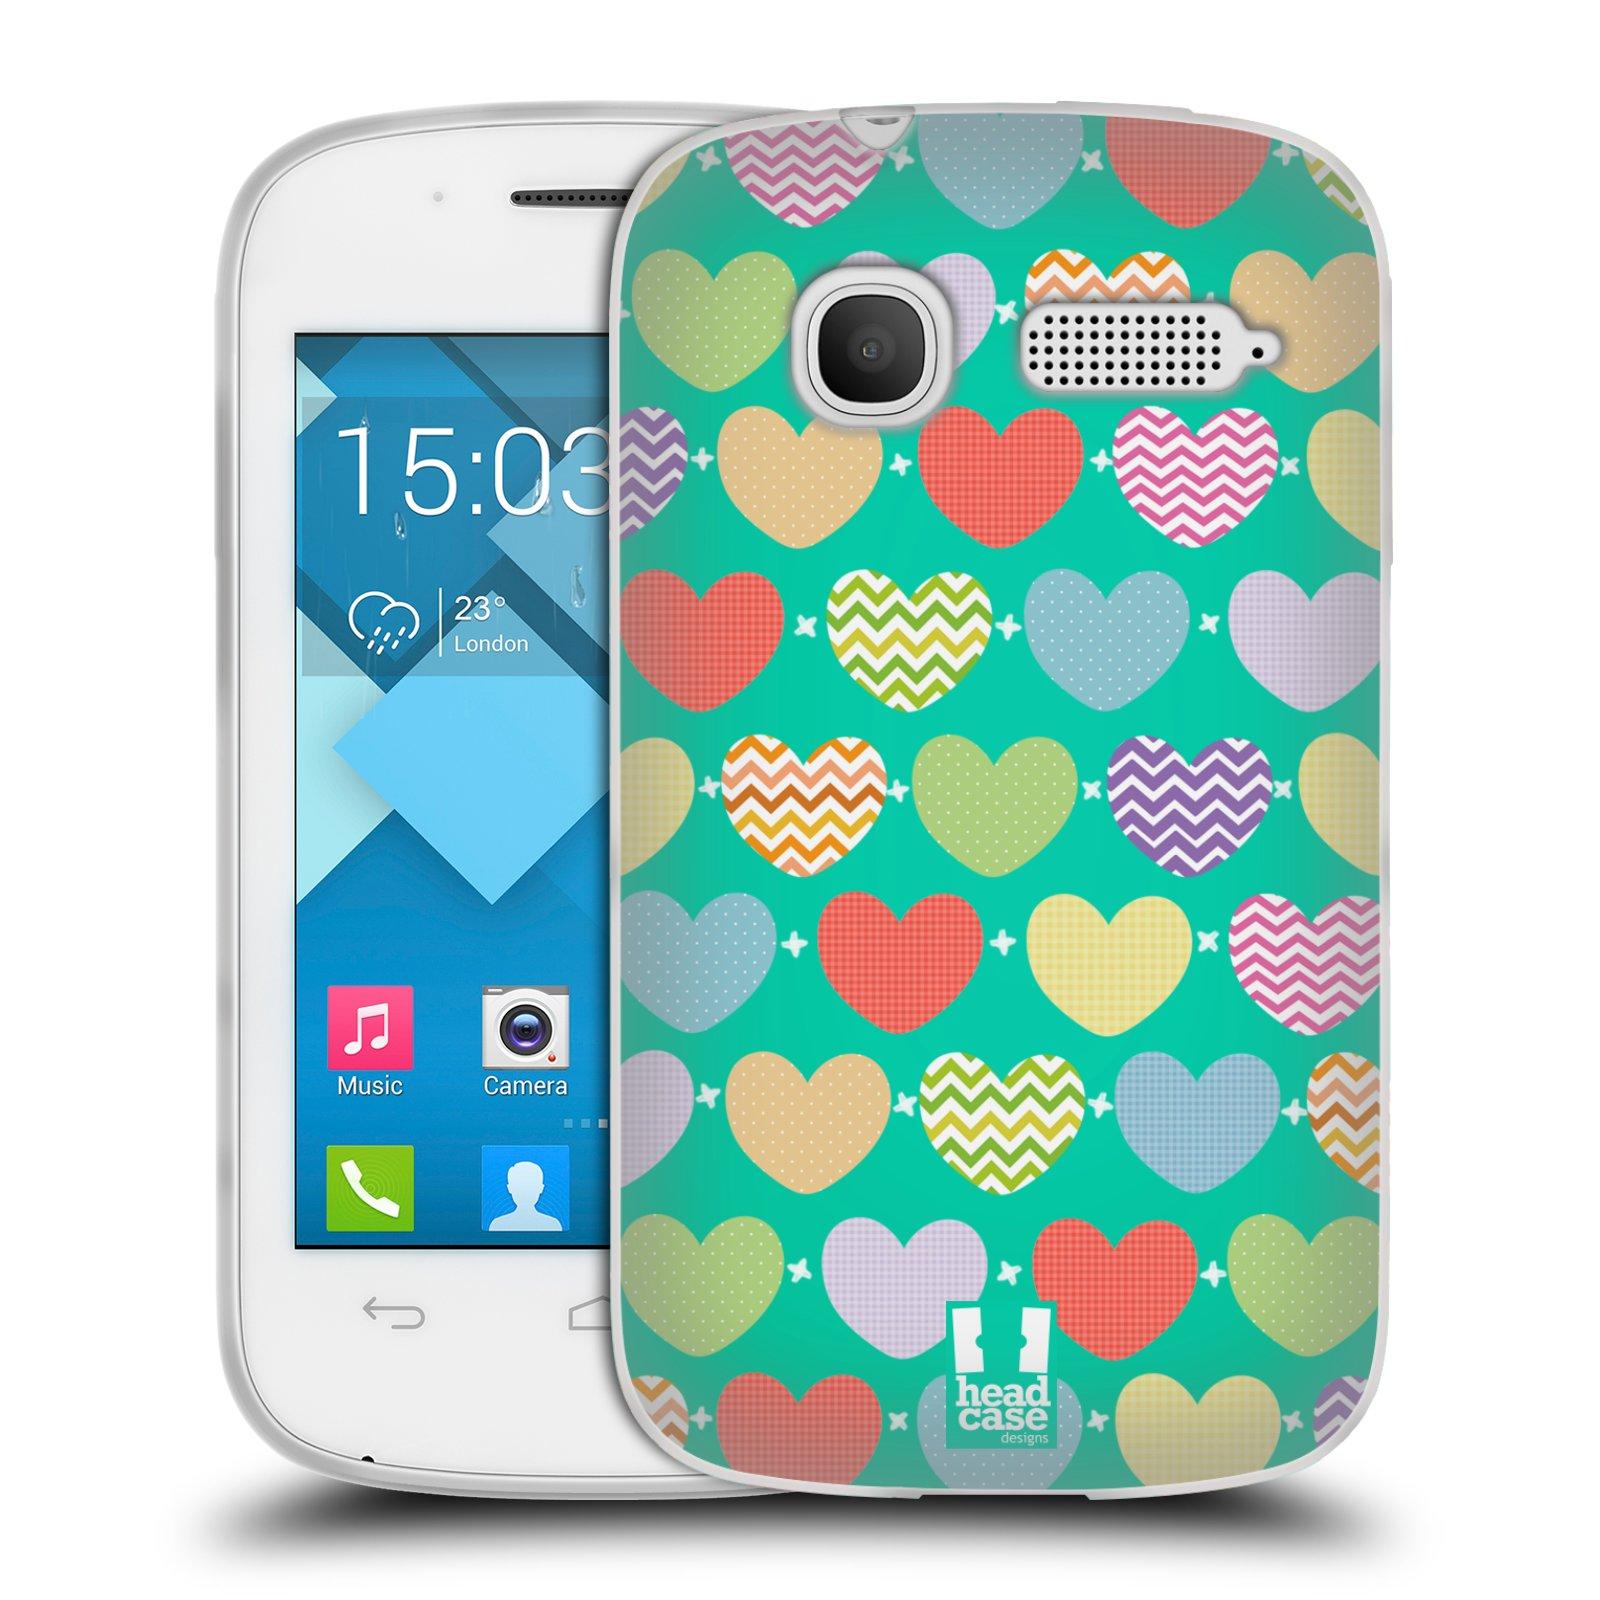 Silikonové pouzdro na mobil Alcatel One Touch Pop C1 HEAD CASE SRDÍČKA NA ZELENÉ (Silikonový kryt či obal na mobilní telefon Alcatel OT-4015D POP C1)